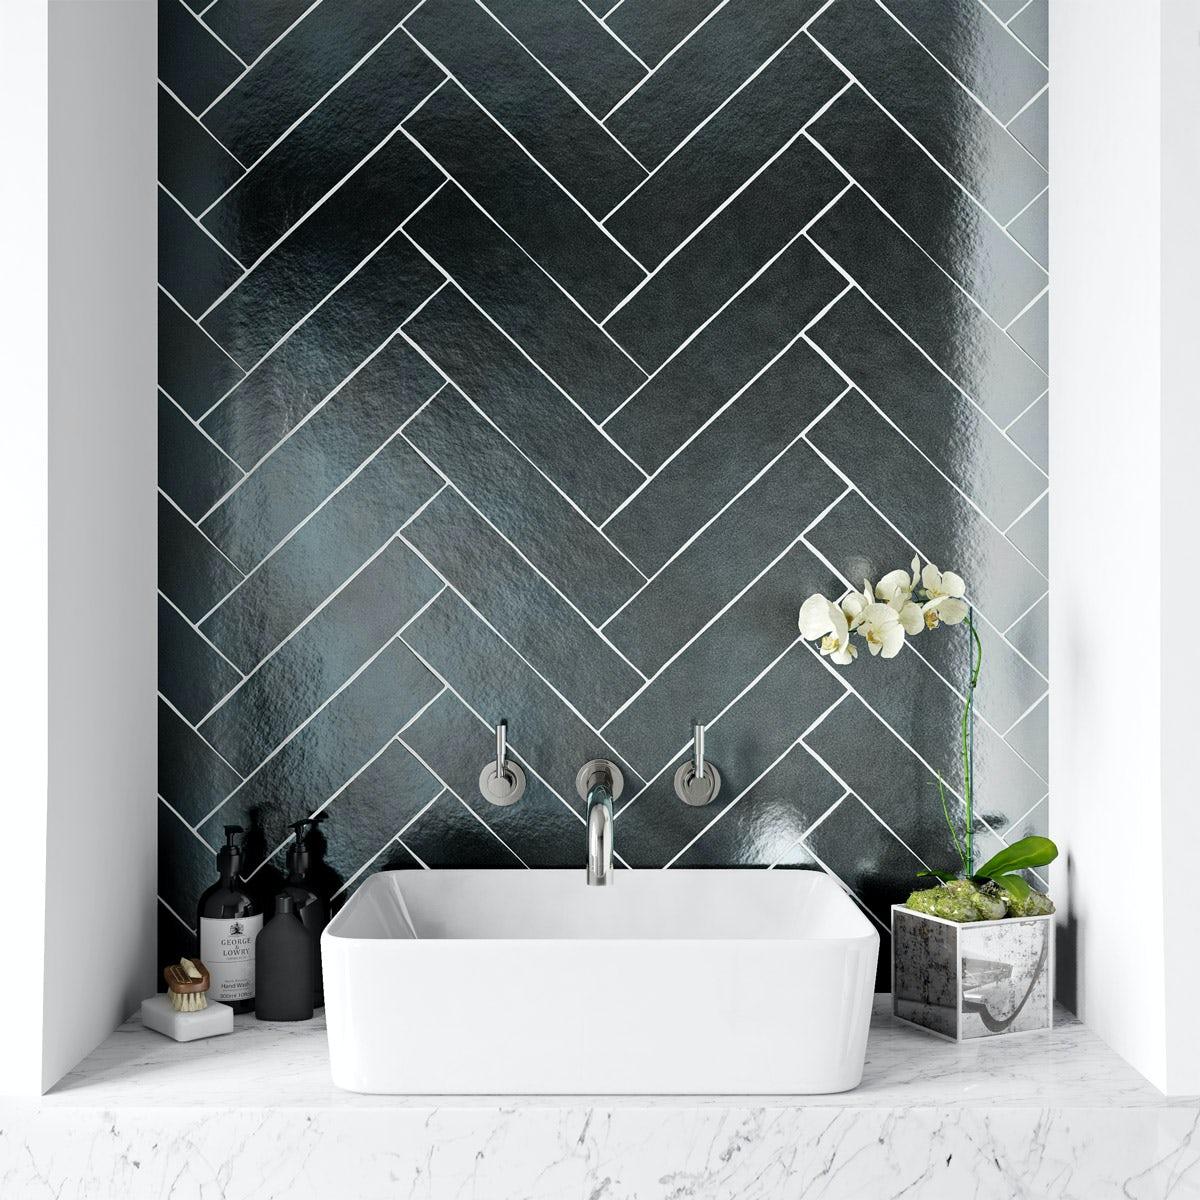 British ceramic tile stockists imagestile shops nottingham buy metallic ceramic tile images dailygadgetfo Choice Image